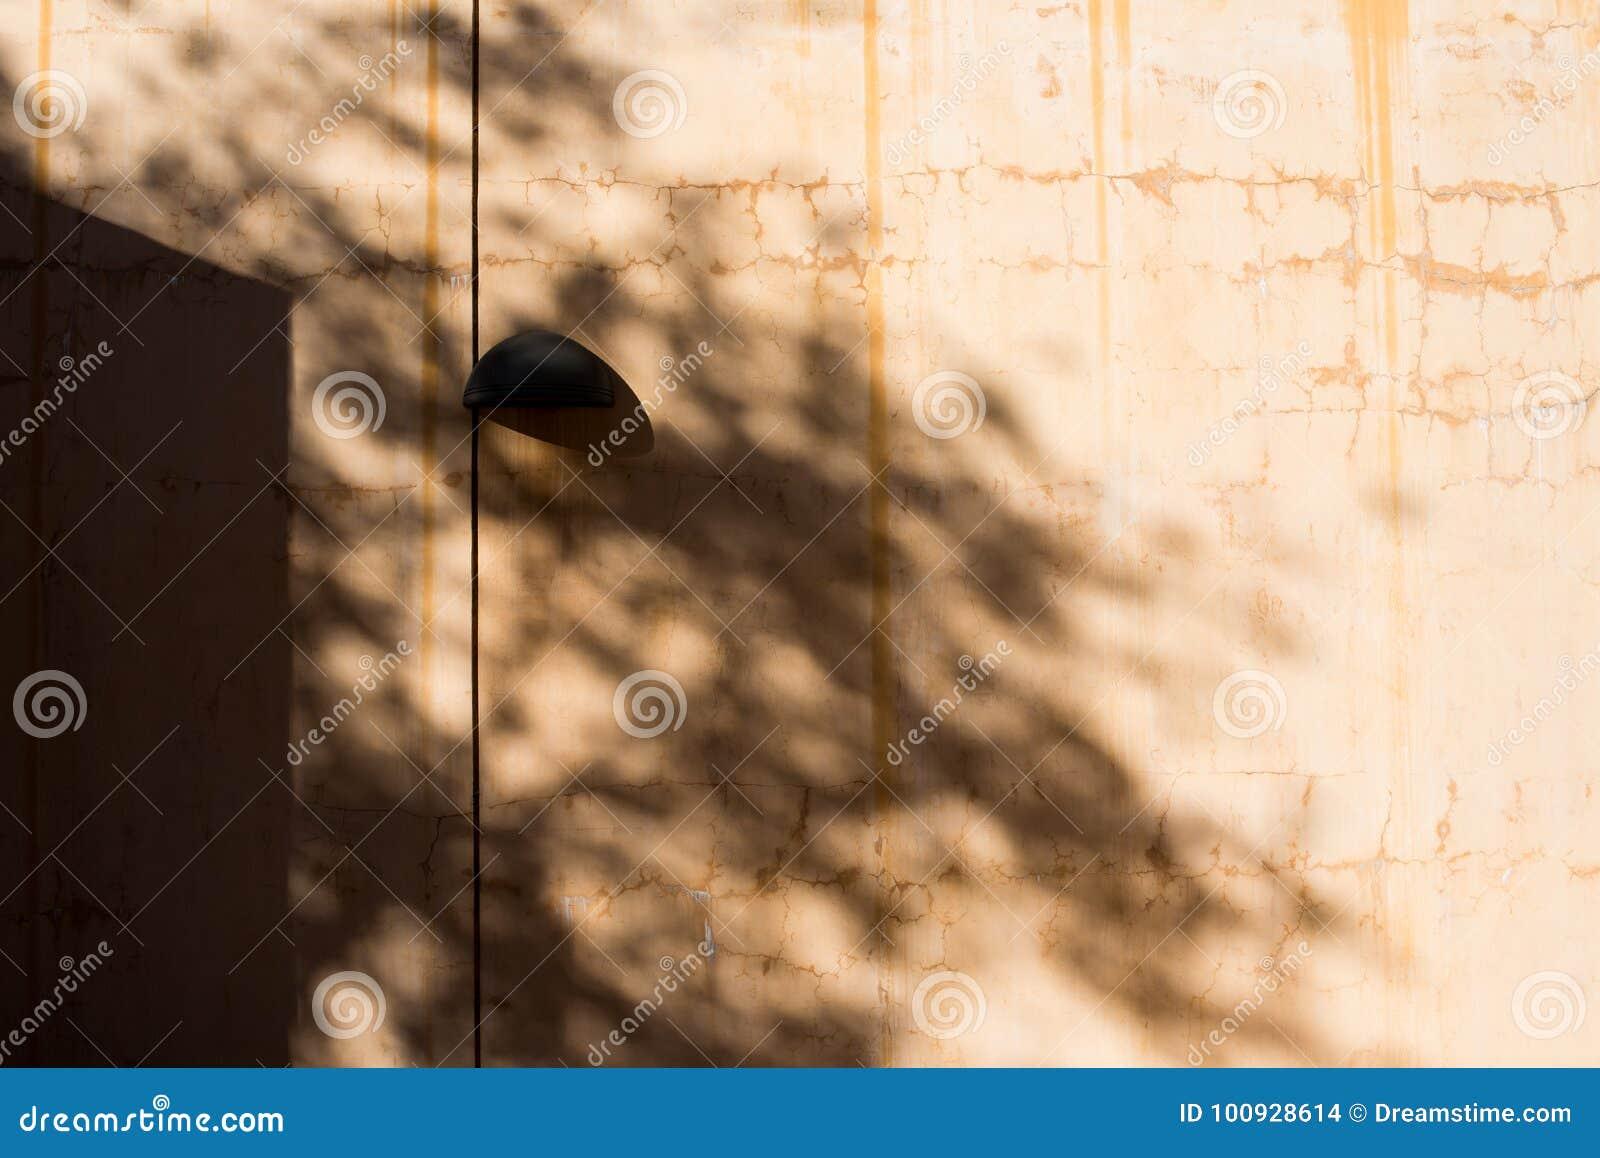 Sombras em um dispositivo bonde claro